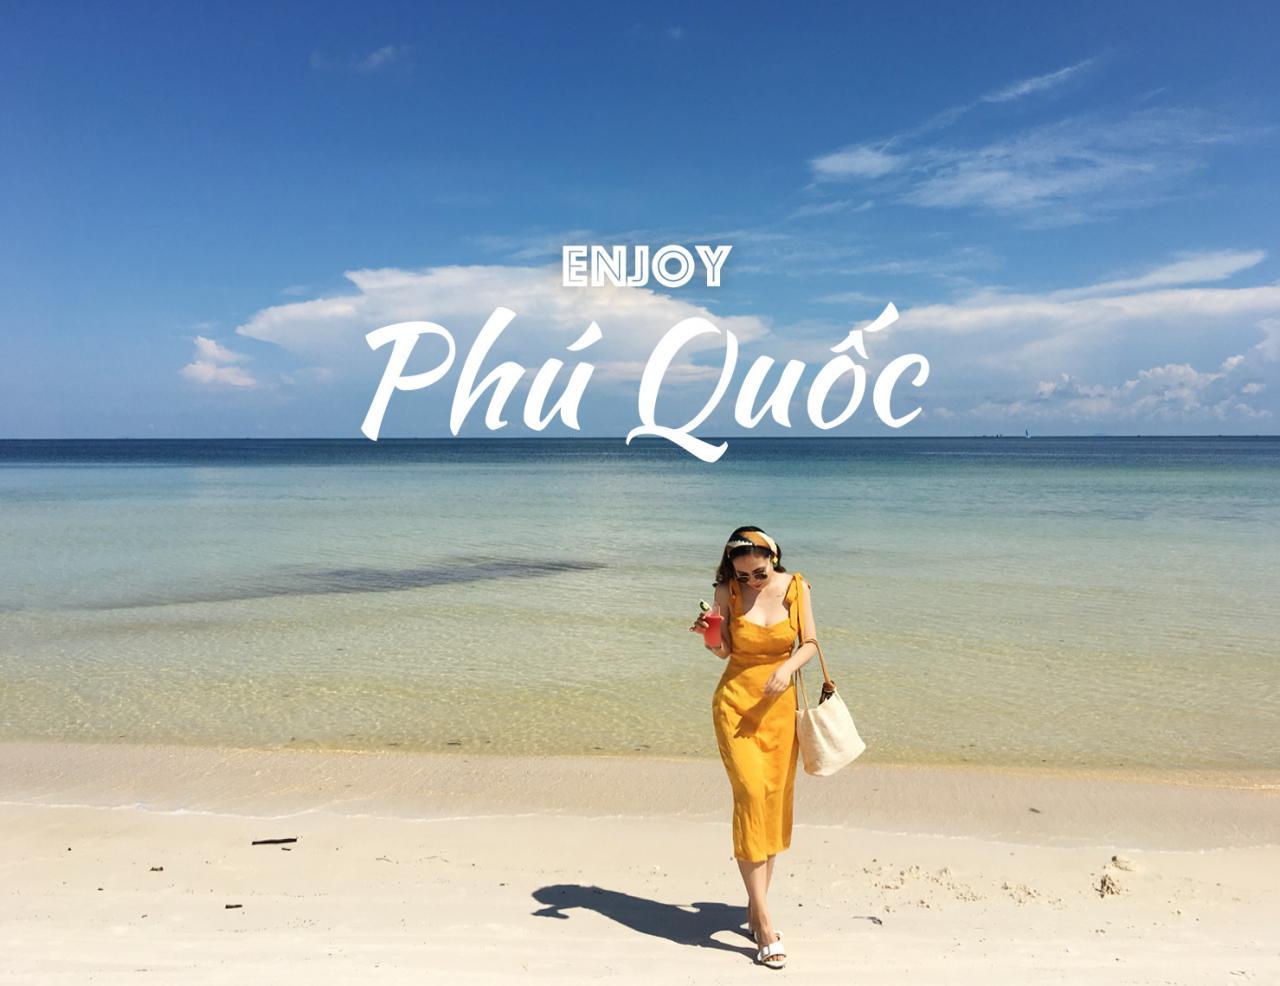 Check-in sang chảnh tại Phú Quốc với kinh nghiệm du lịch tự túc của nữ nhân  viên văn phòng Hà Nội | Việt Nam Mới